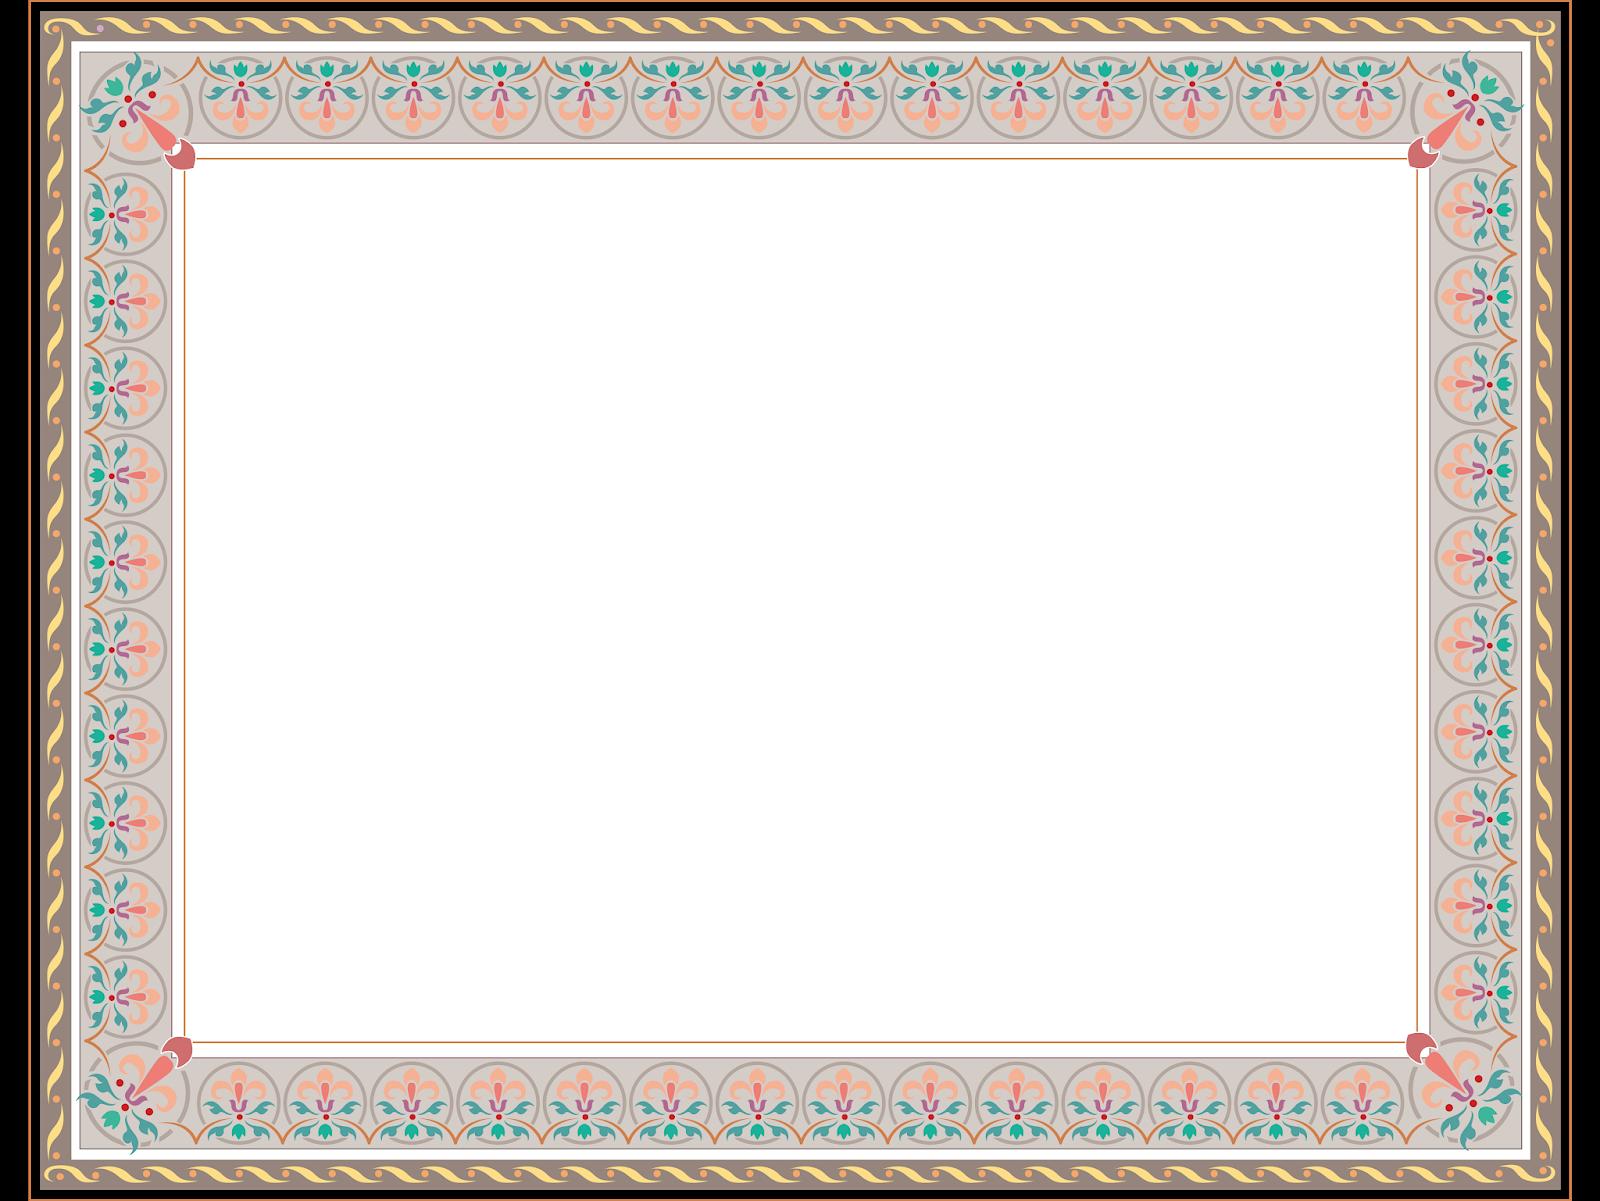 Download Vector Bingkai Sertifikat Cdr & Png HD | DODO GRAFIS